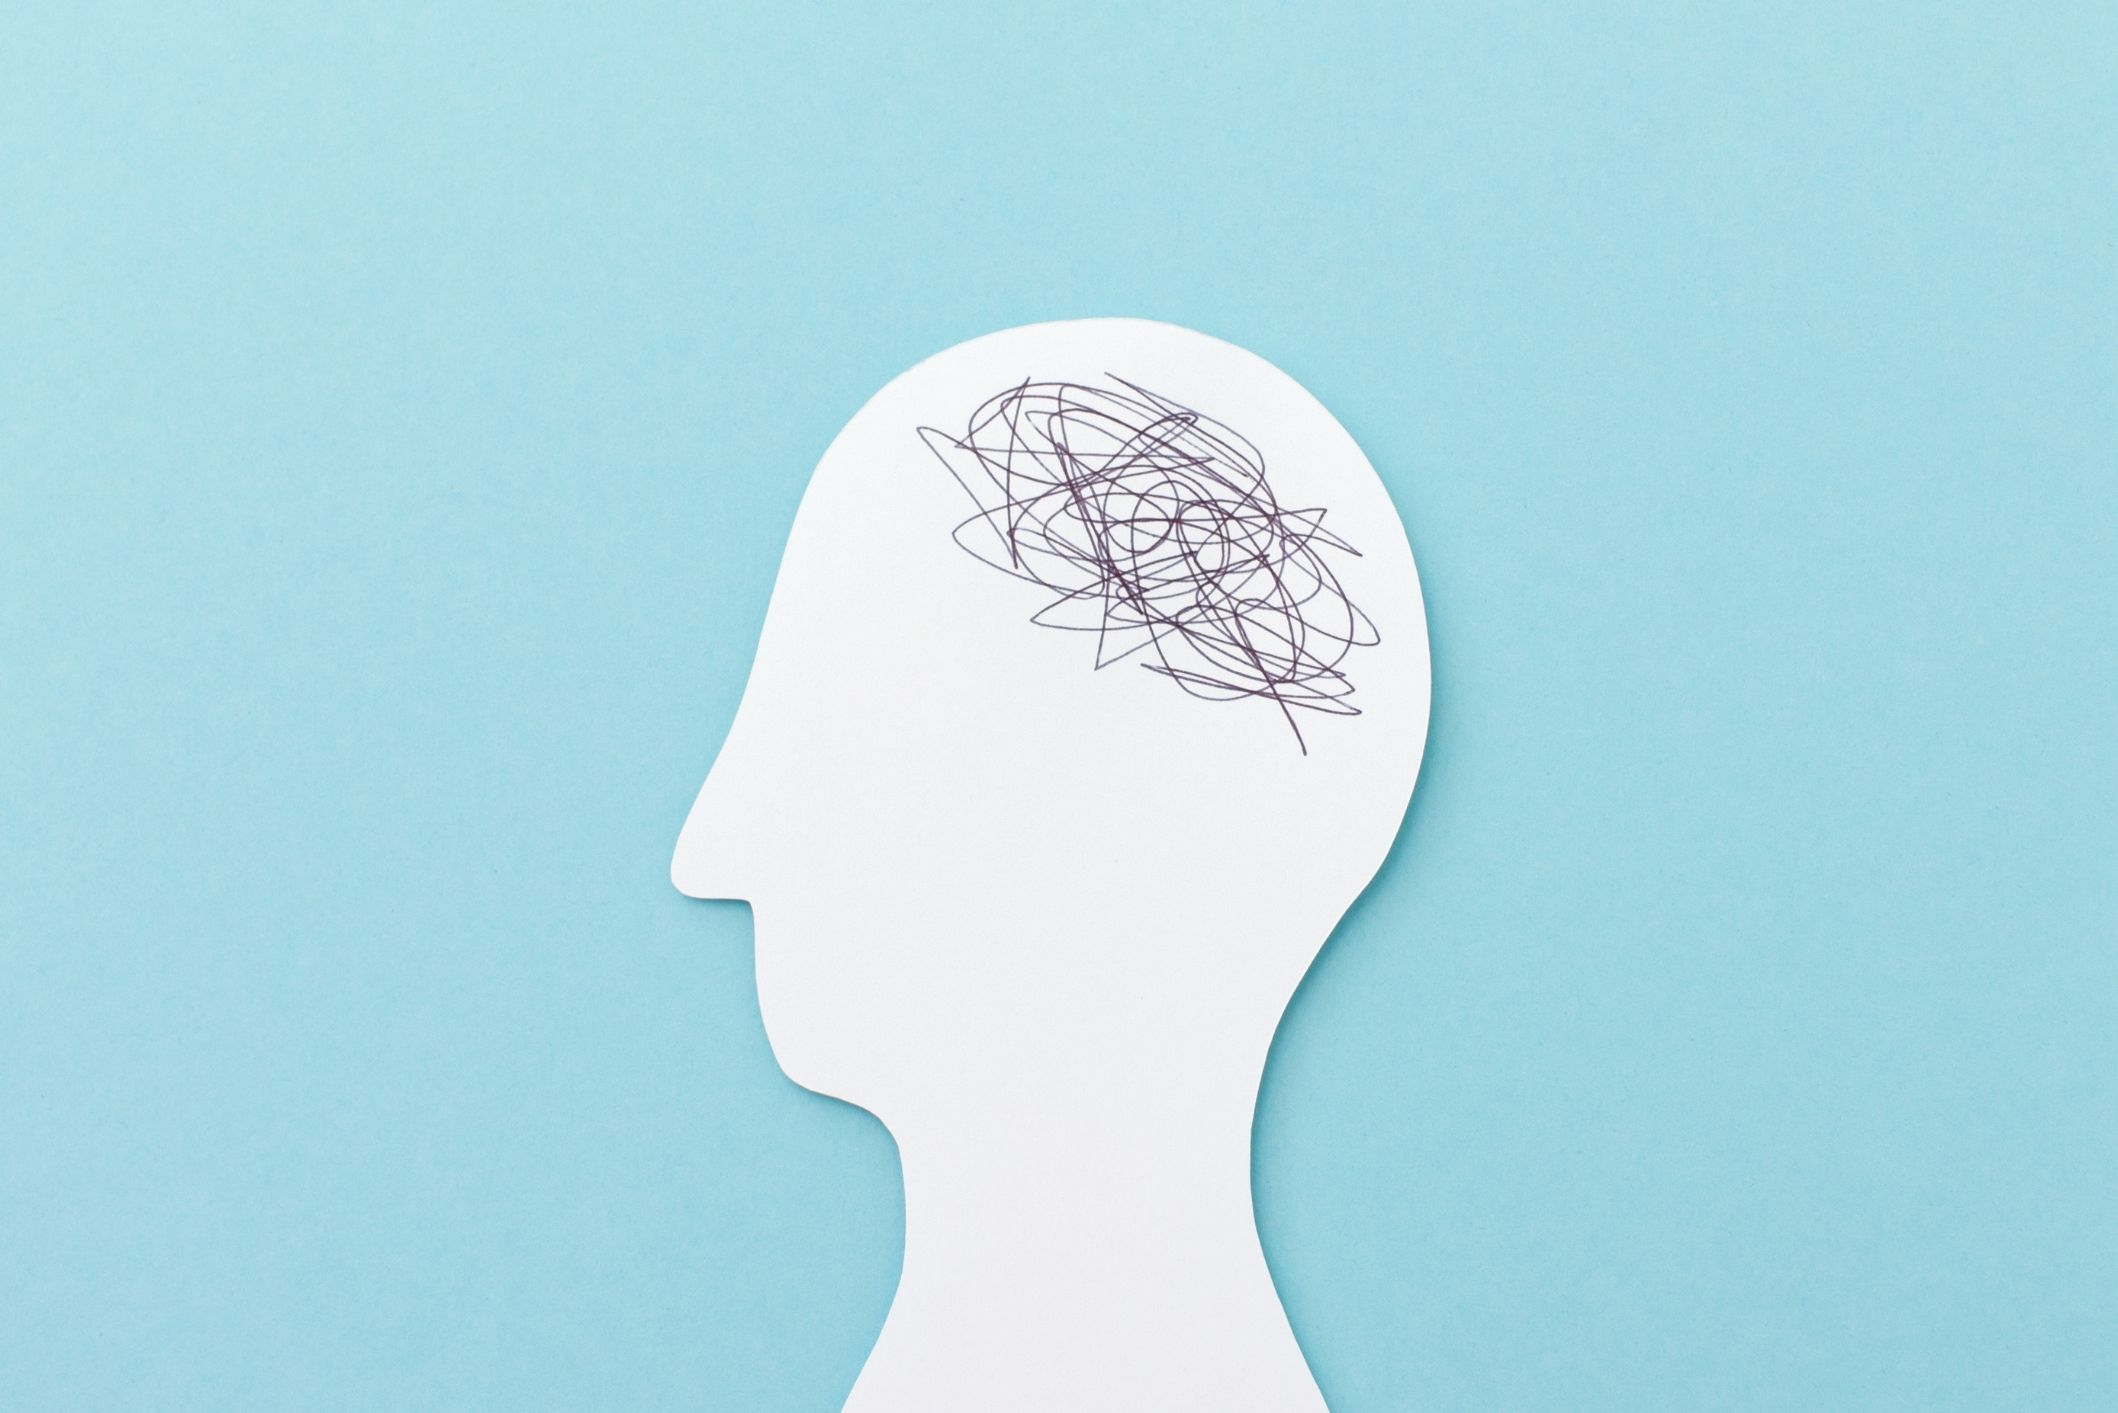 ansiedad, causas y tratamiento